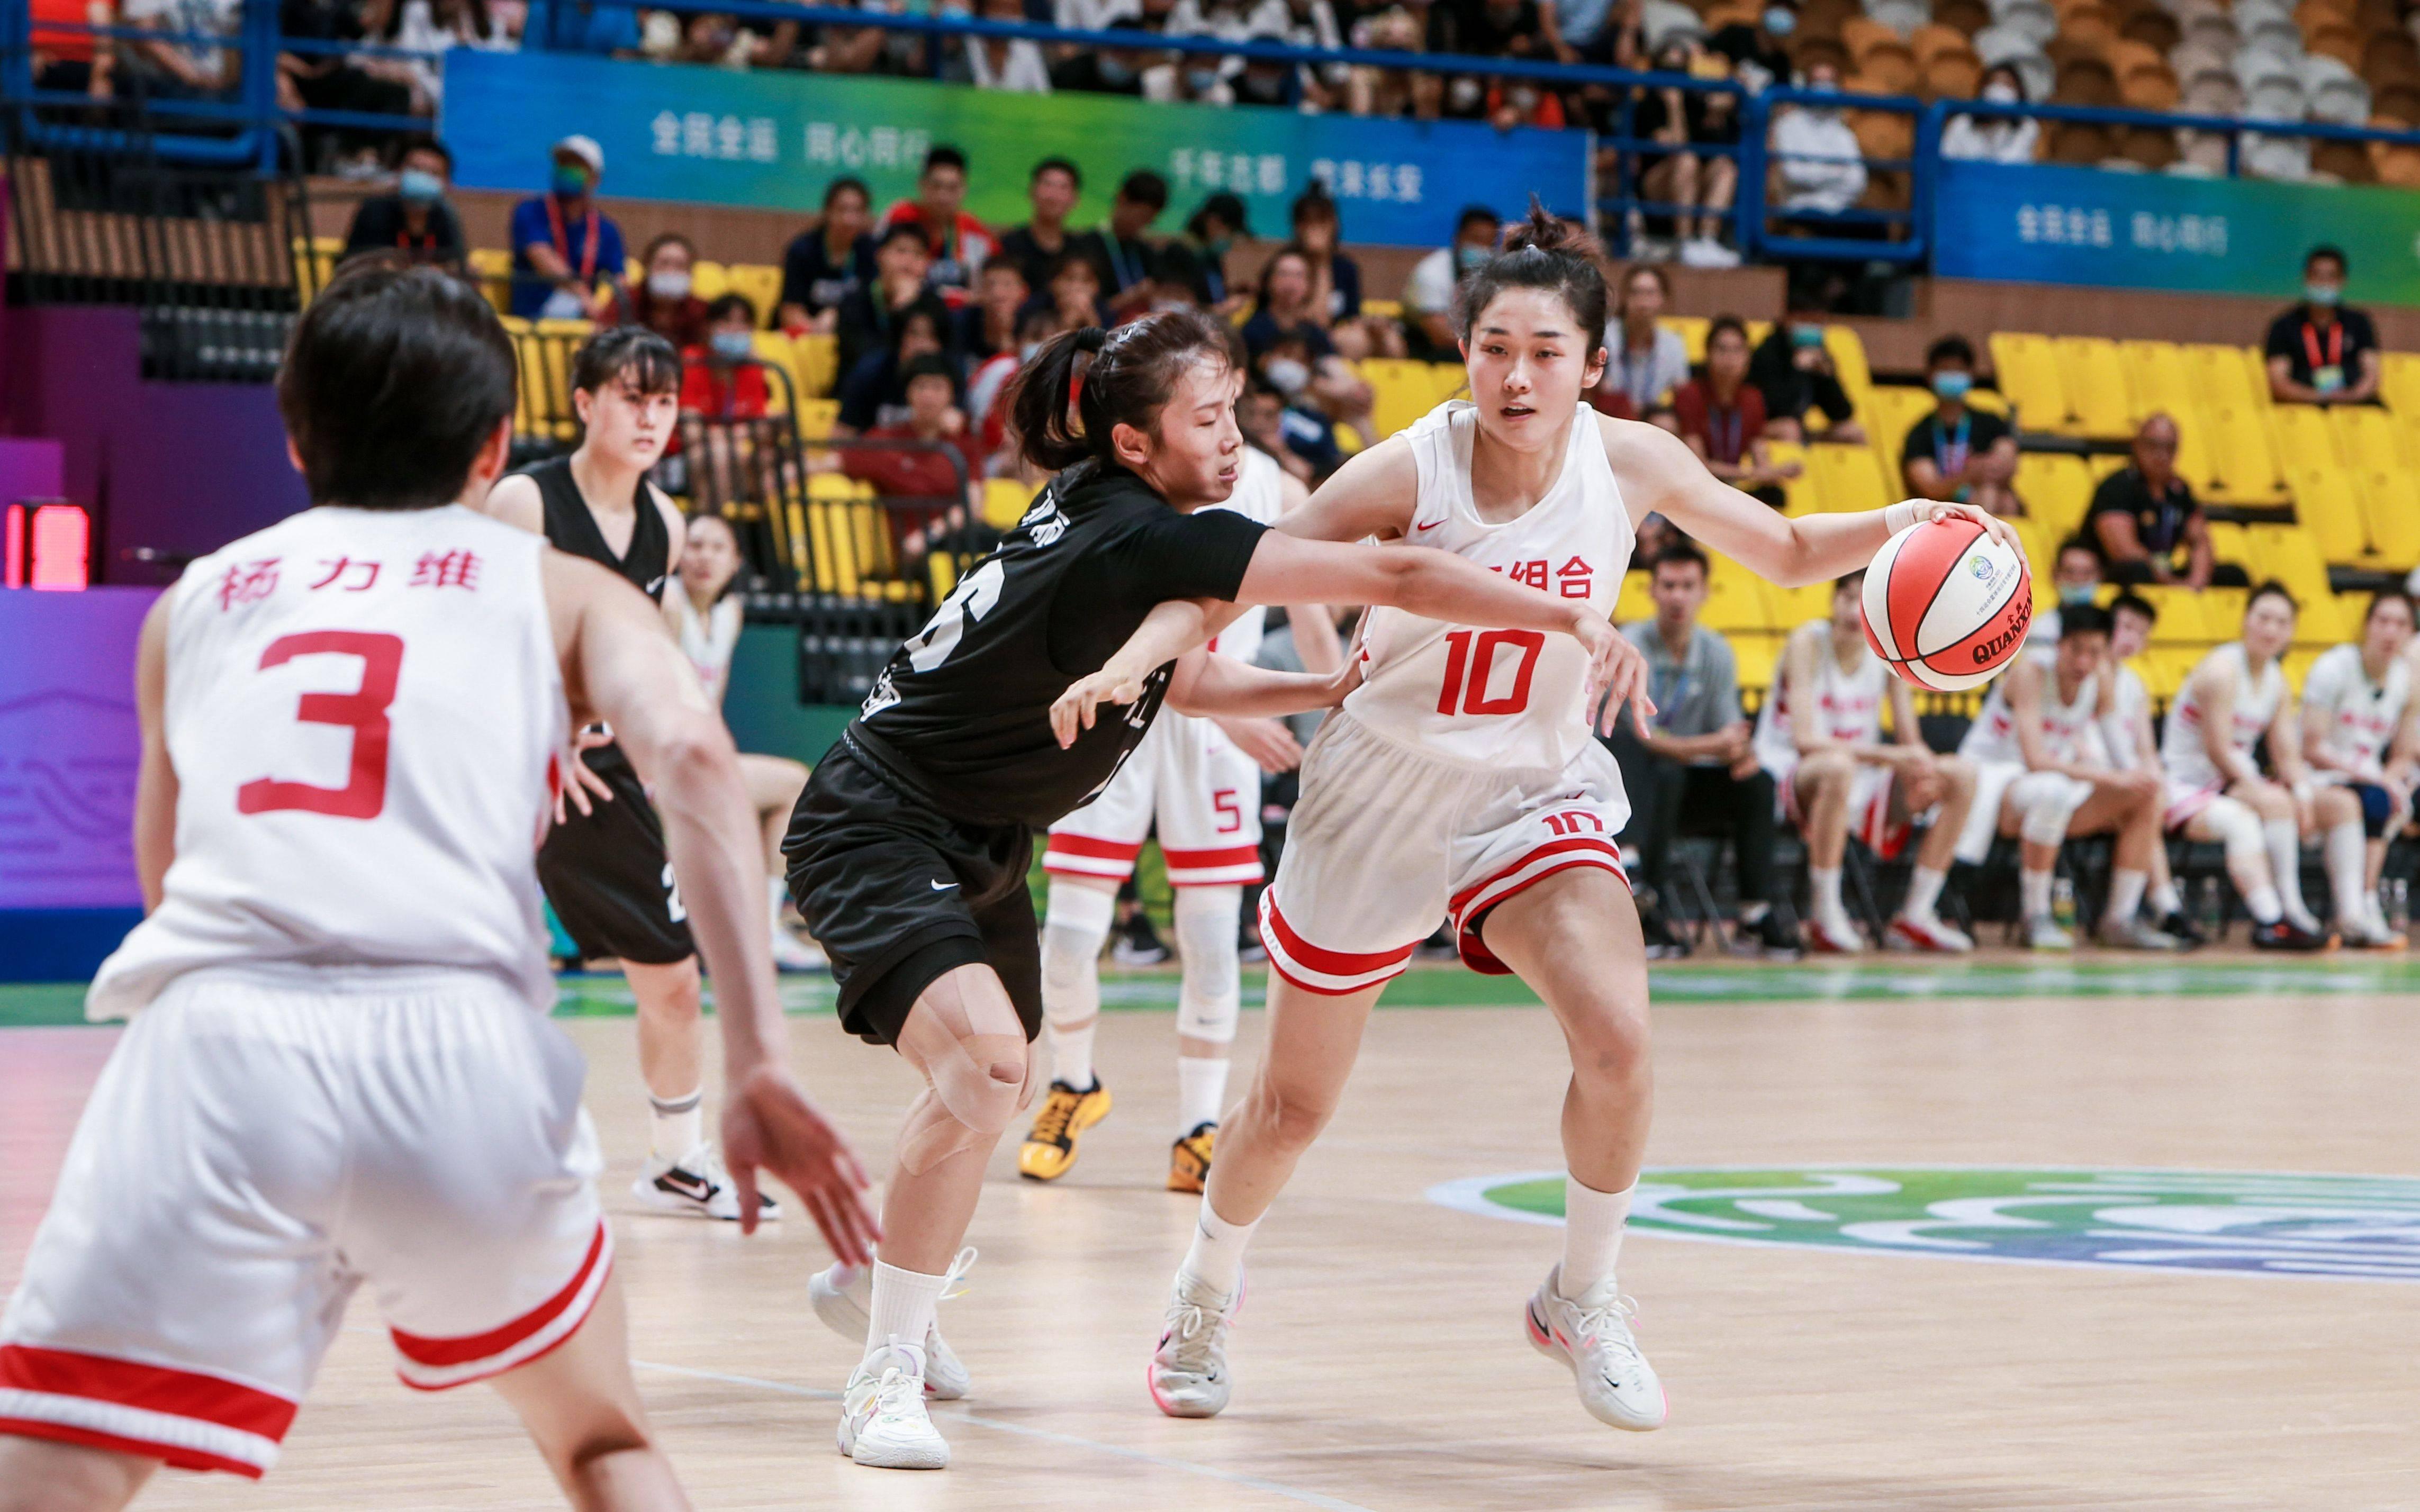 全运会为何有中国女篮没男篮?奥运全运撞车催生特殊政策